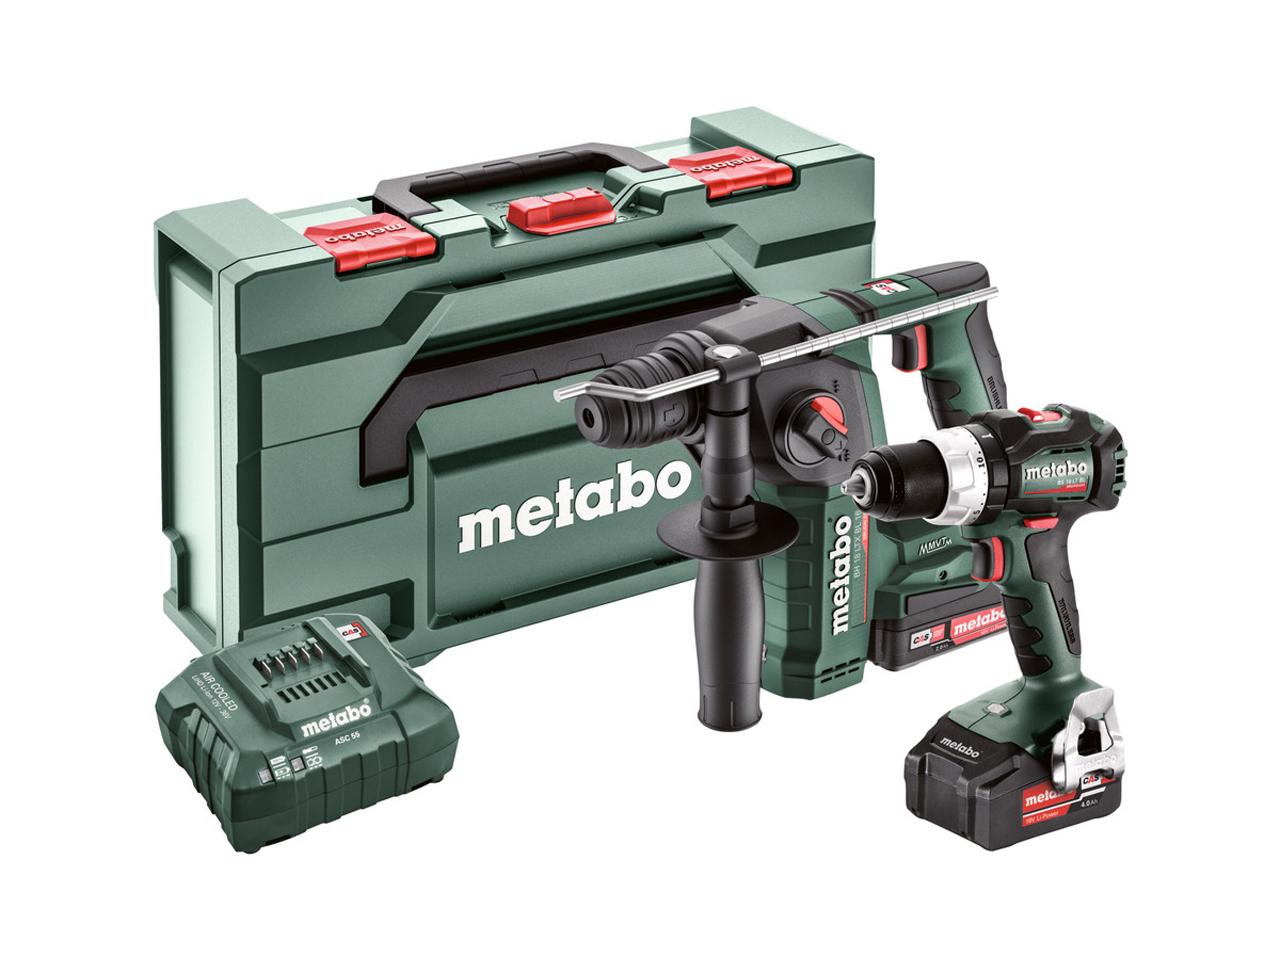 Metabo_685182000.jpg